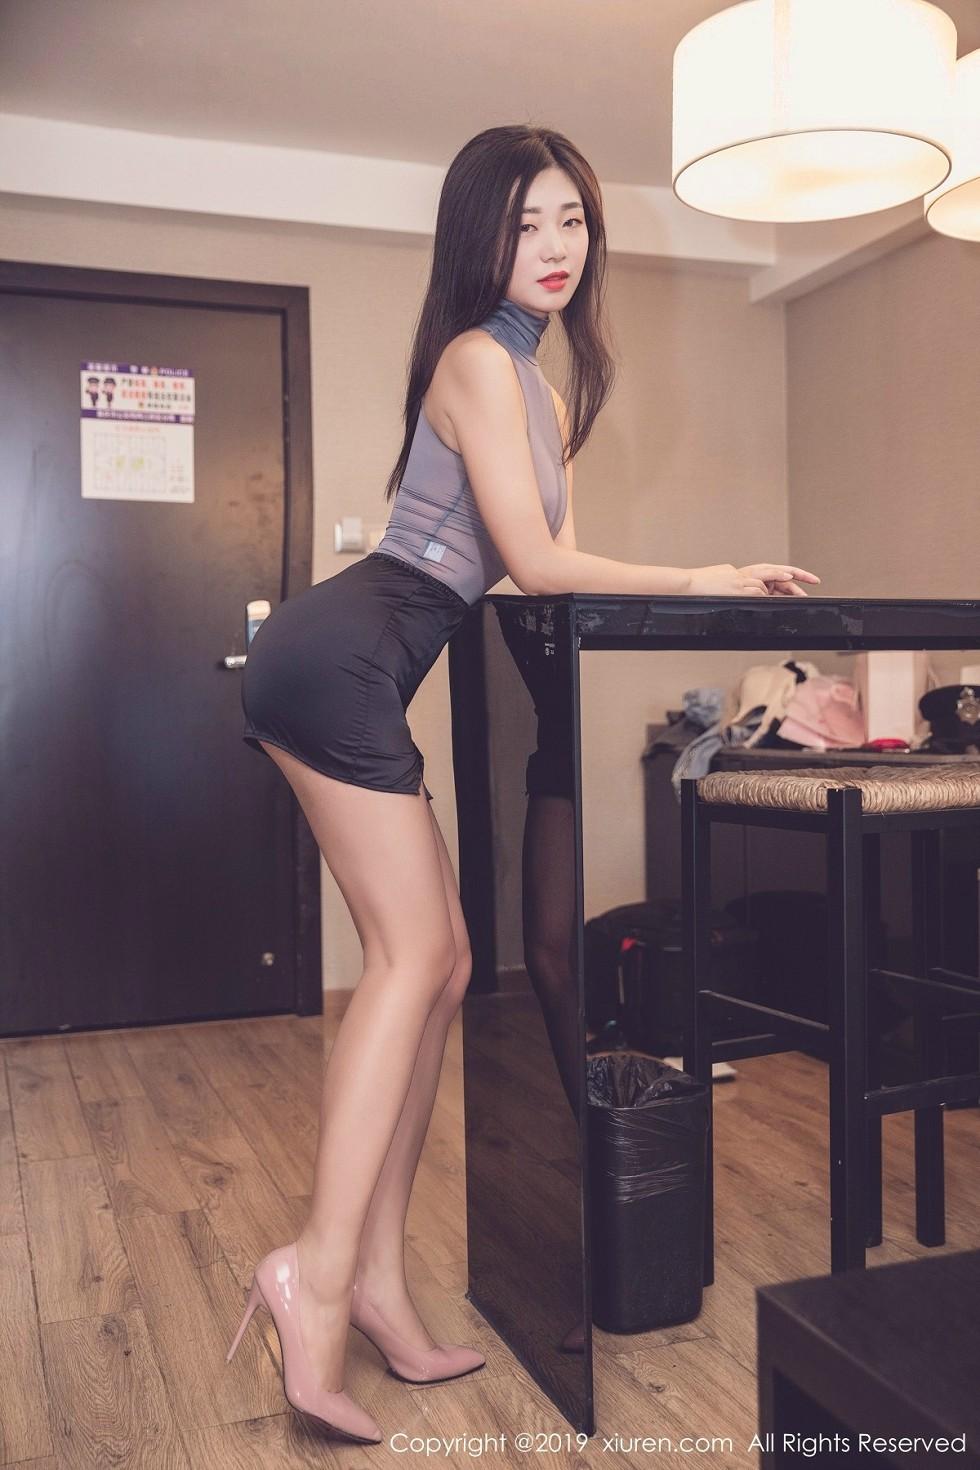 嫩模宋-Kiki私房透明灰色连体包裙秀傲人豪乳喷血诱惑无圣光写真41P